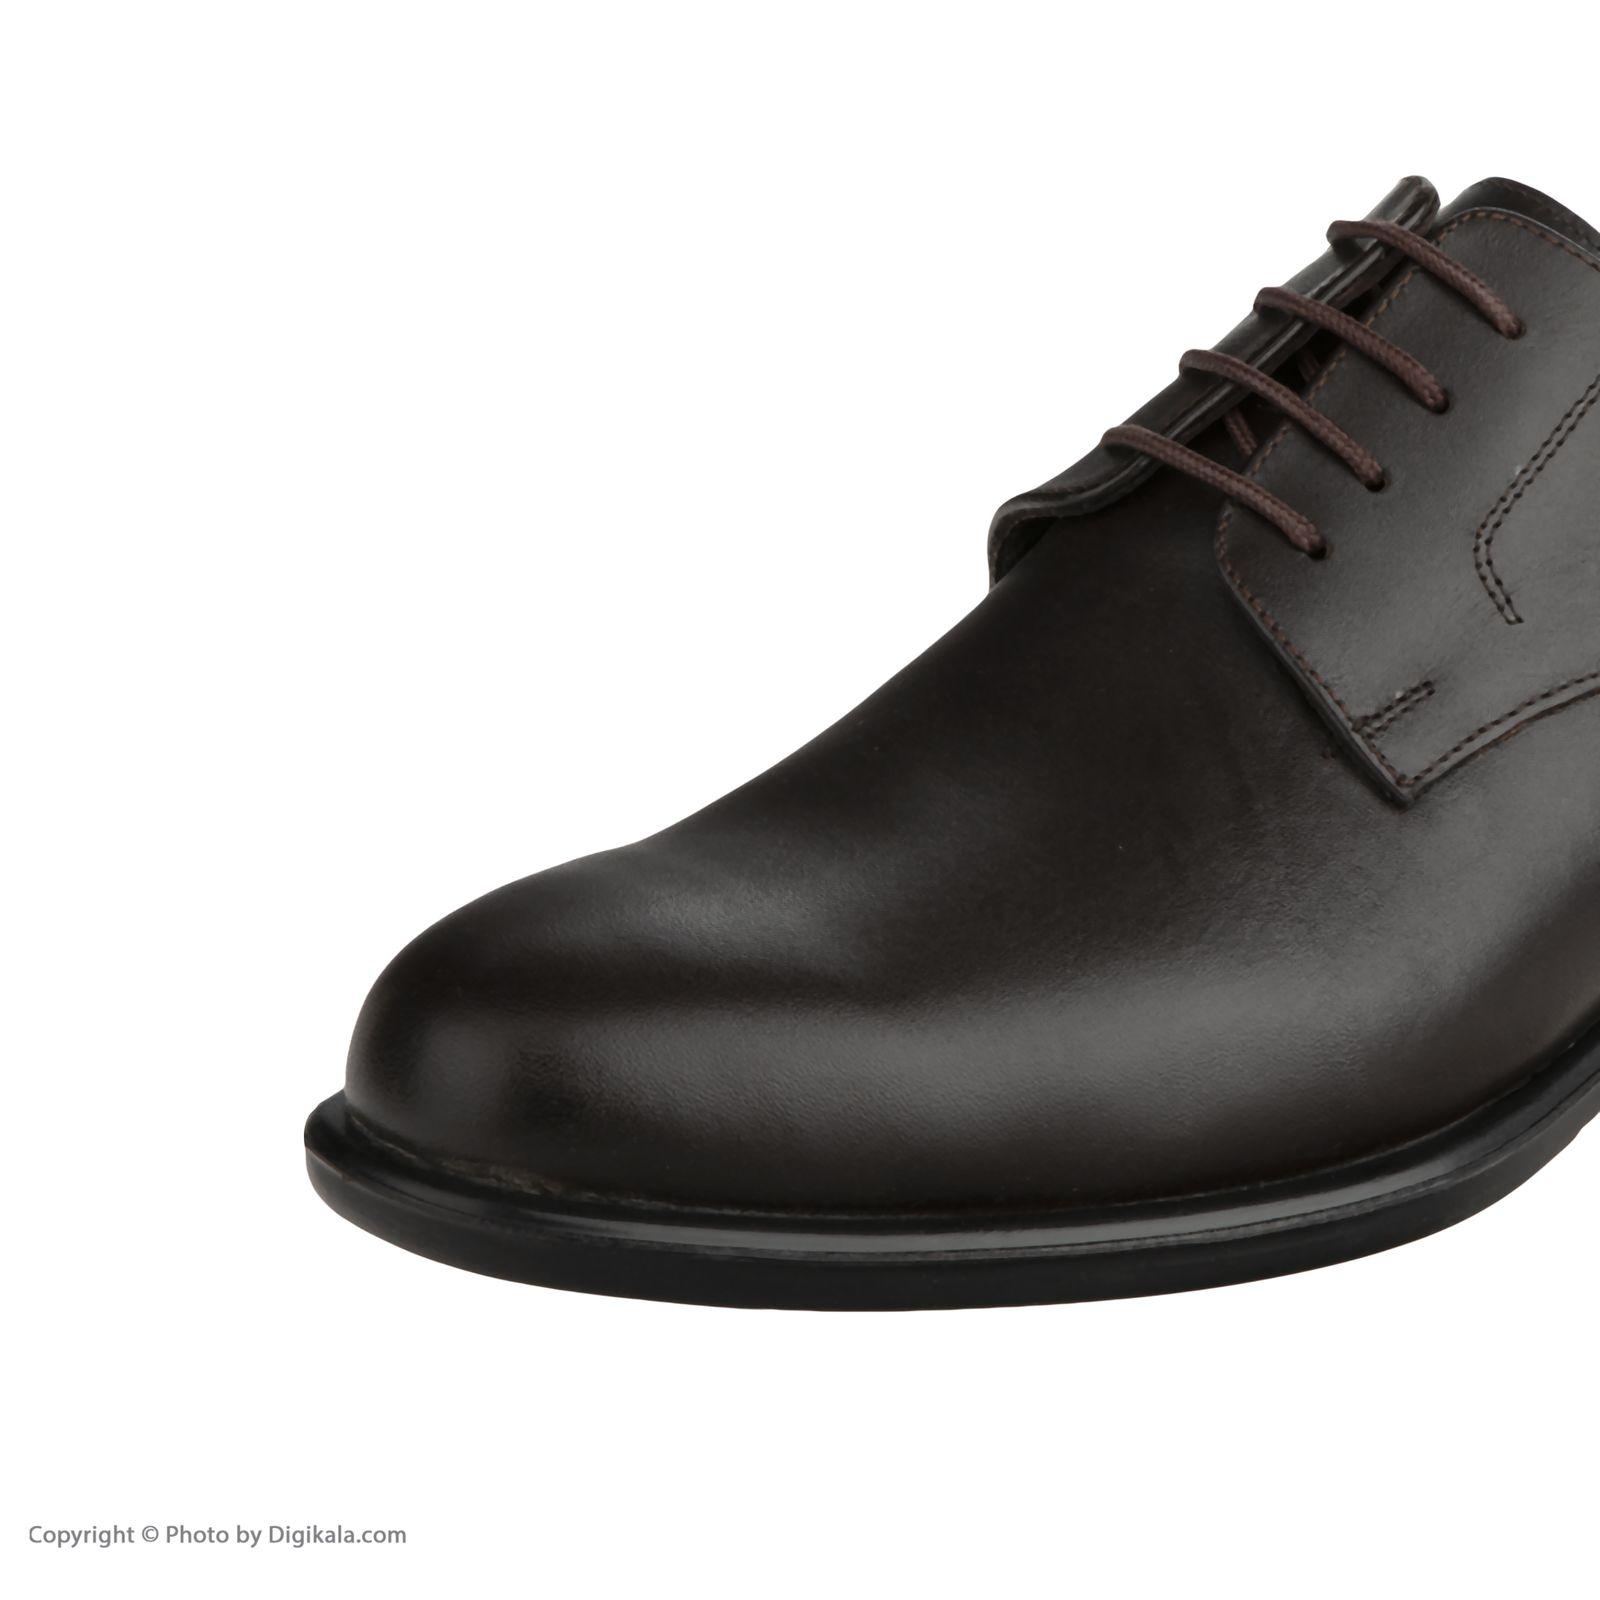 کفش مردانه بلوط مدل 7297A503104 -  - 8